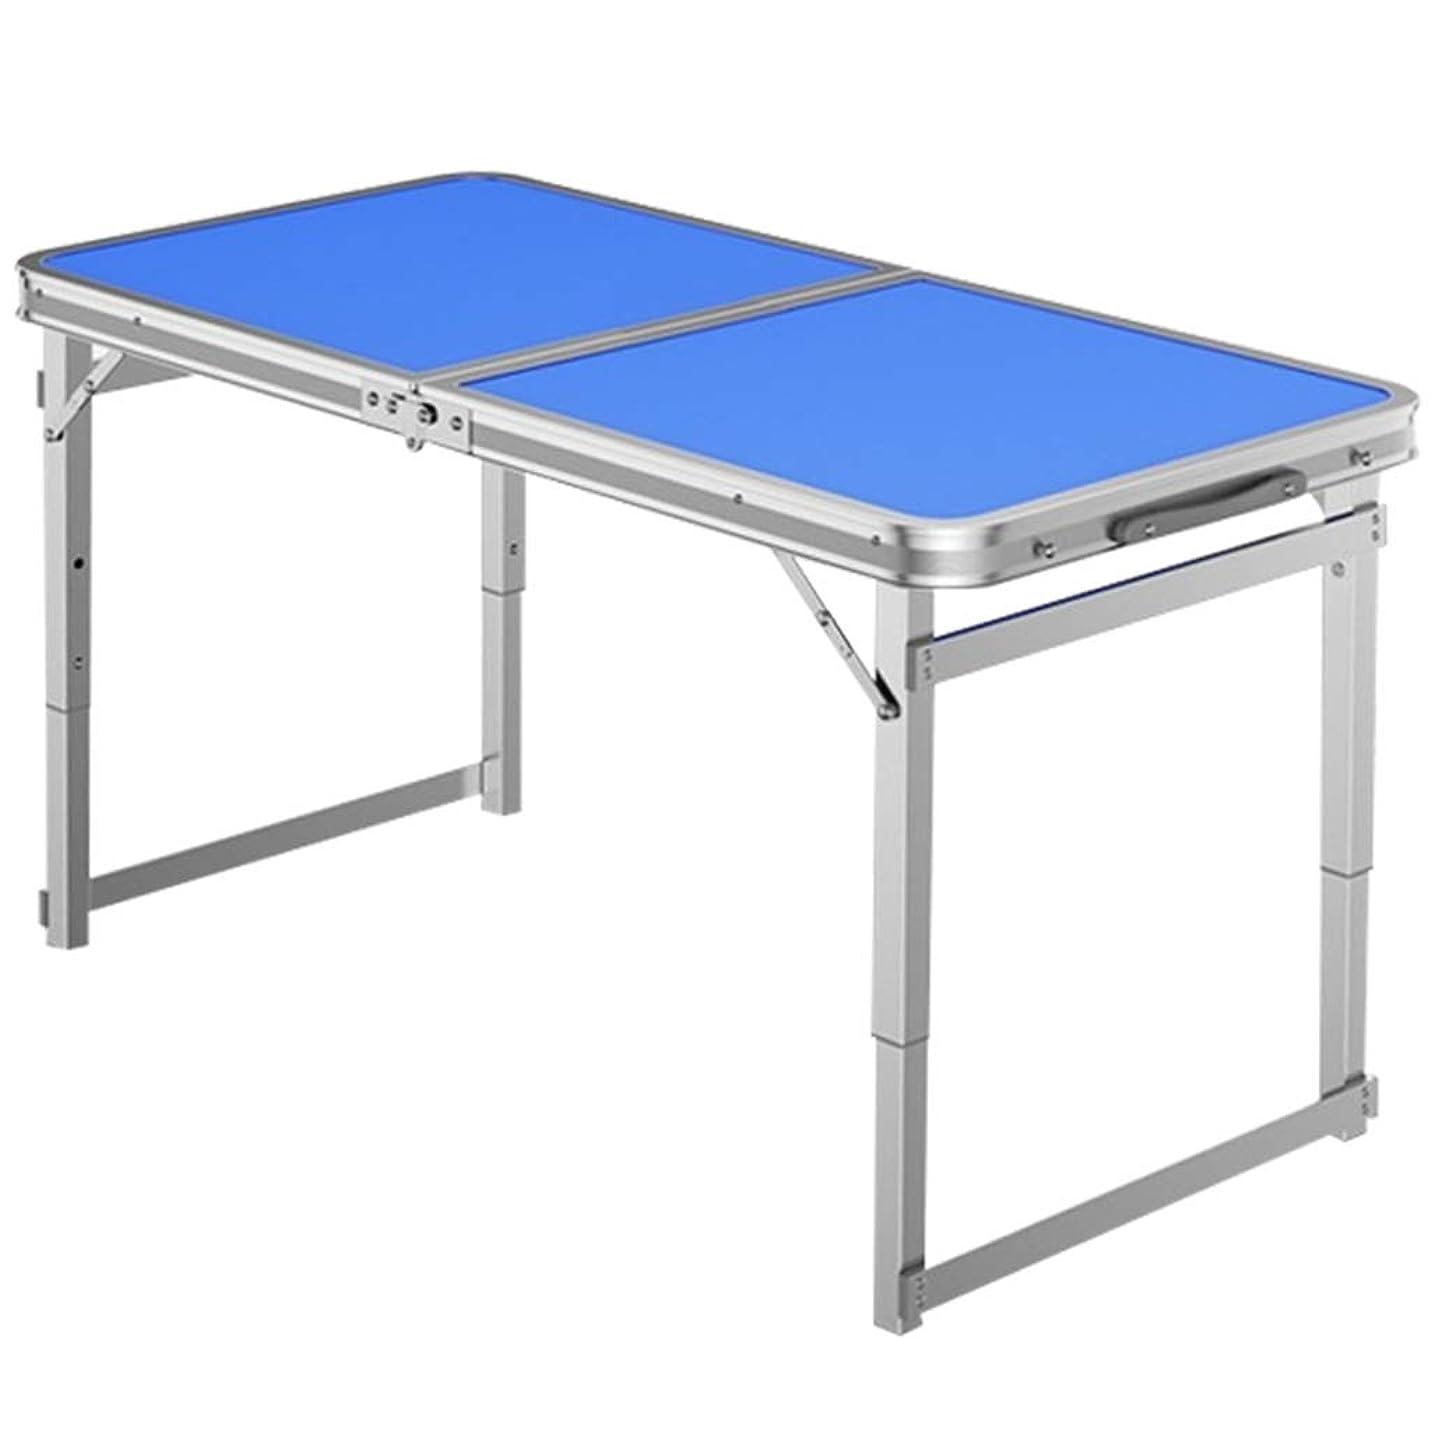 真実チームペネロペRoscloud@ ペットグルーミングテーブル折りたたみ式テーブル風呂せん断修理ヘア化粧品テーブル折りたたみ式ポータブル手術台、伸縮自在の高さ(ブルー)